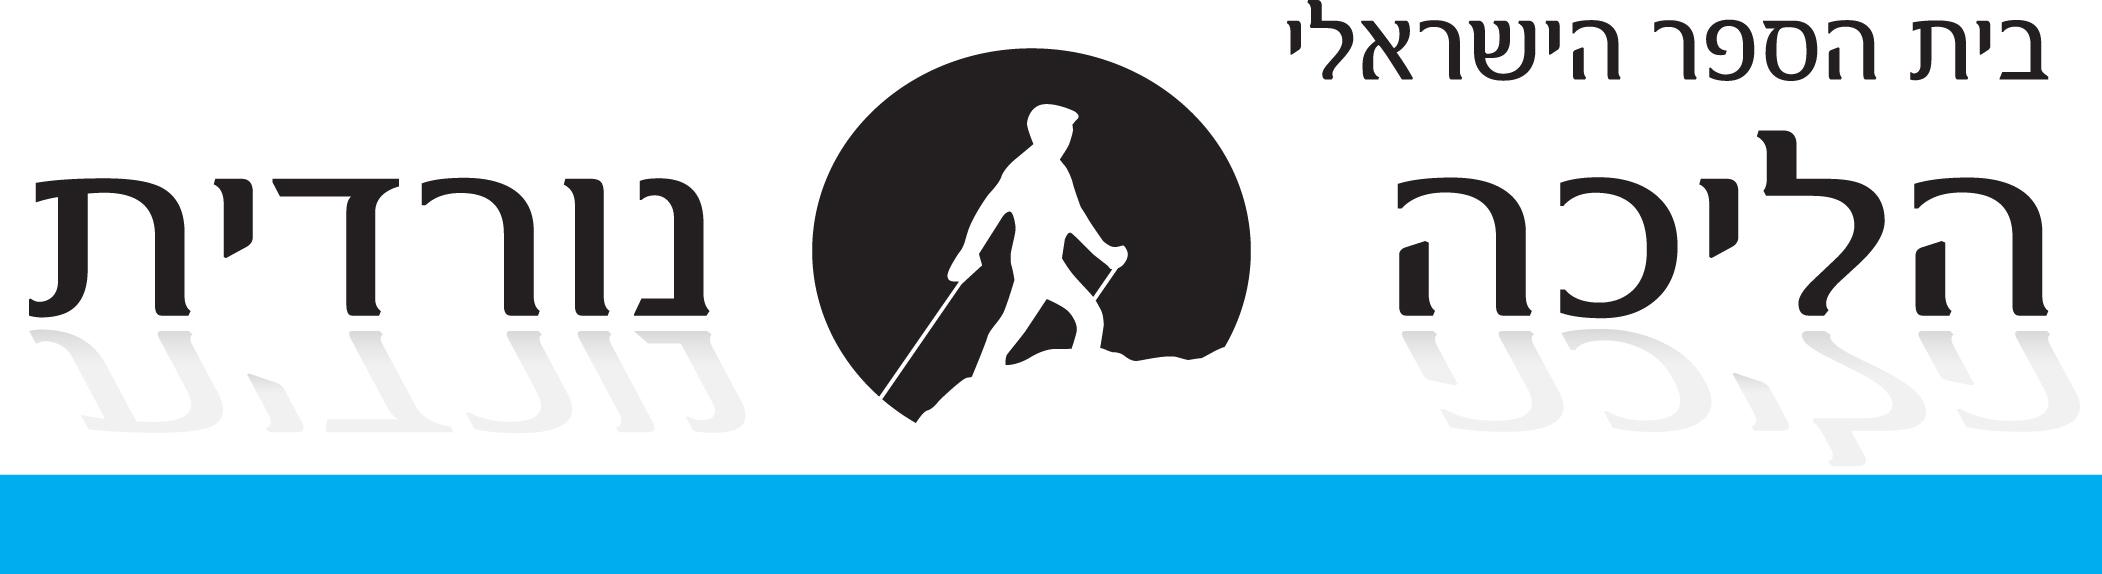 בית הספר הישראלי להליכה נורדית